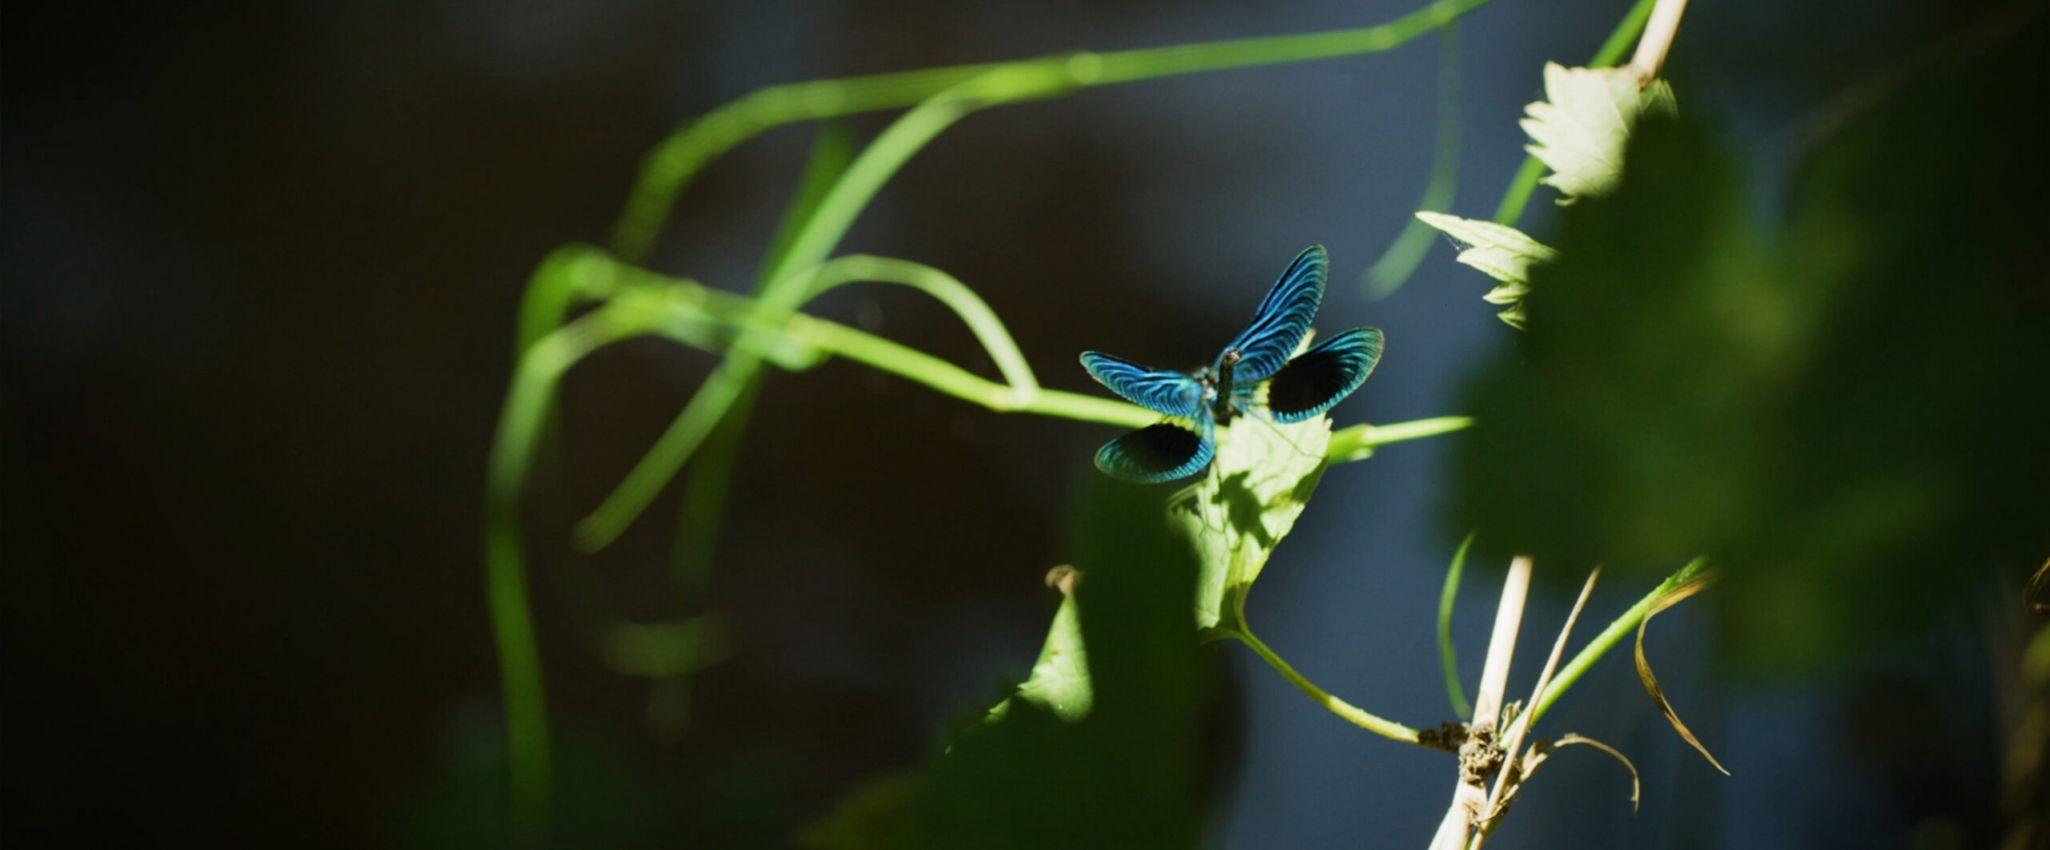 blauer Schmetterling sitzt auf einer grünen Pflanze